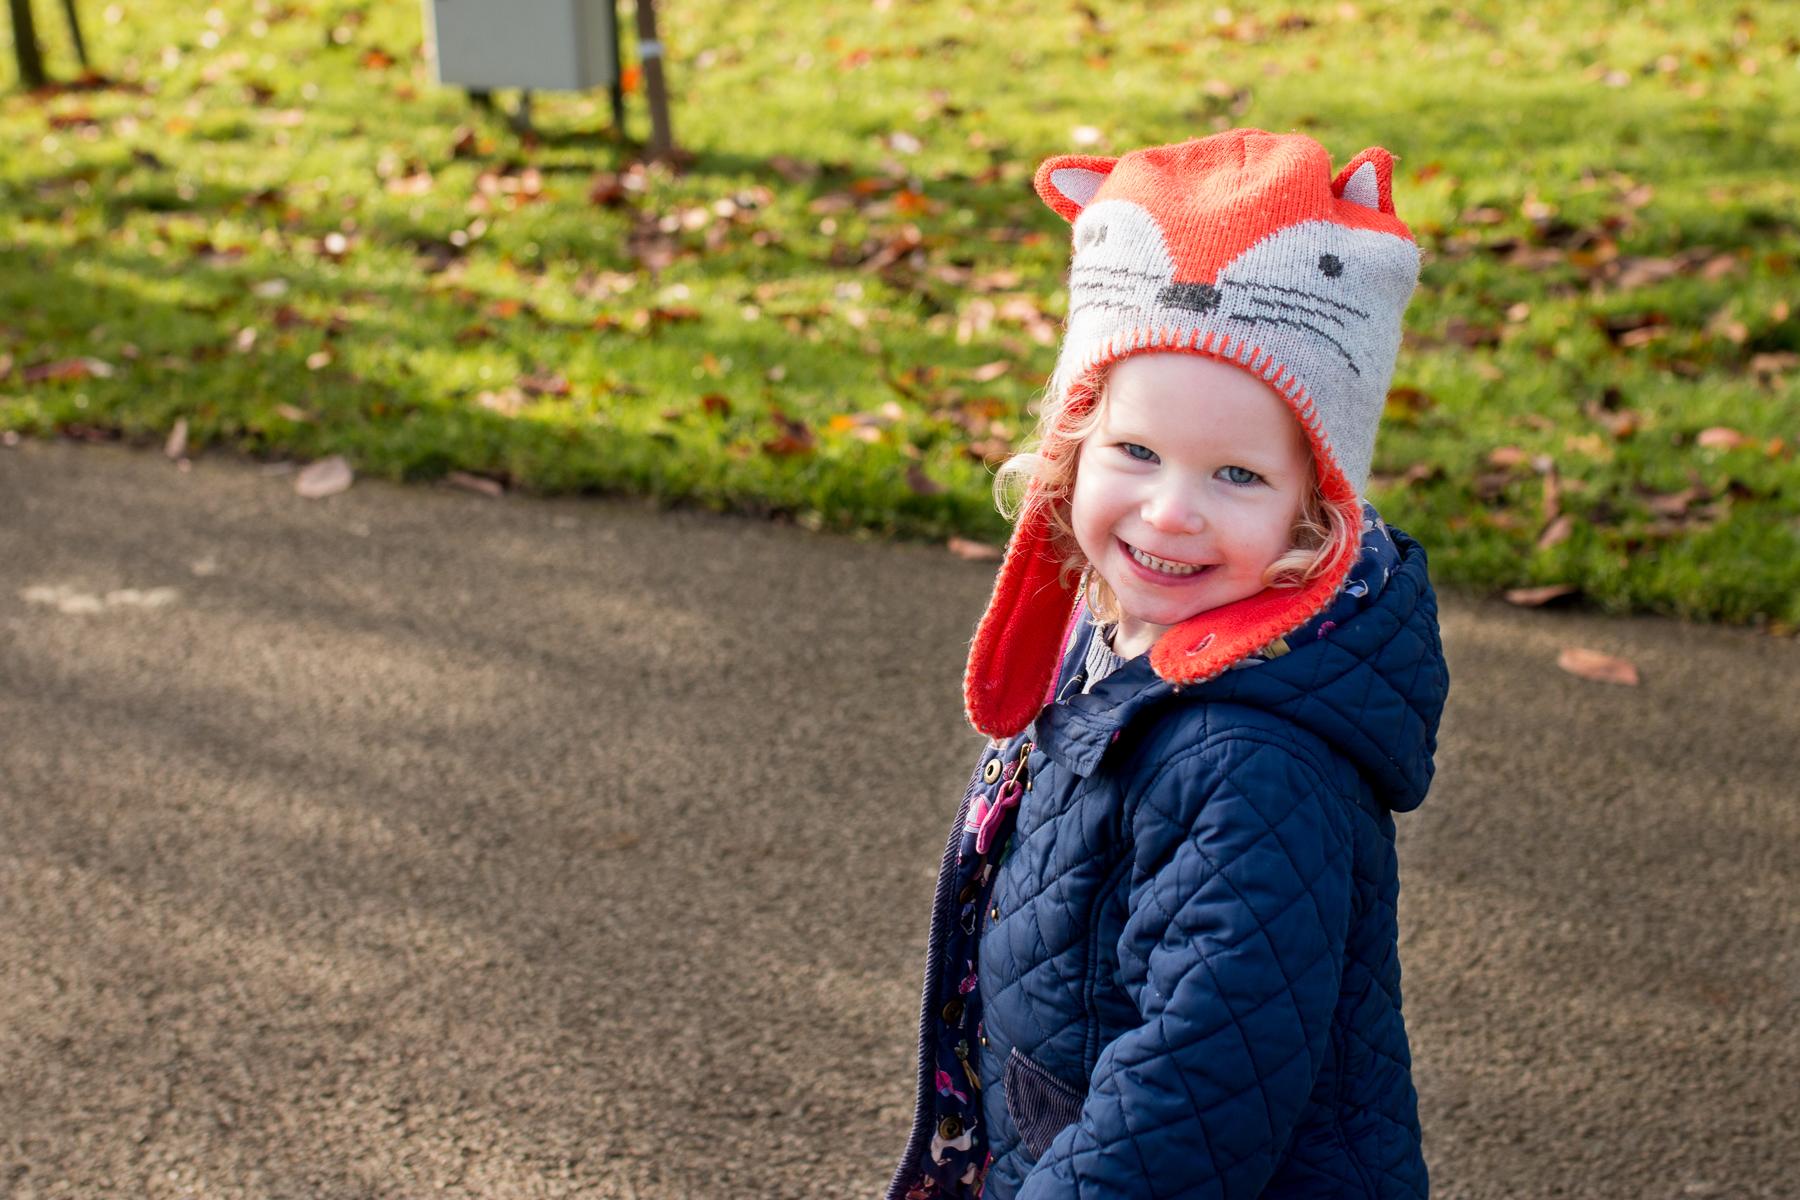 family-photographer-leighton-buzzard-9.jpg